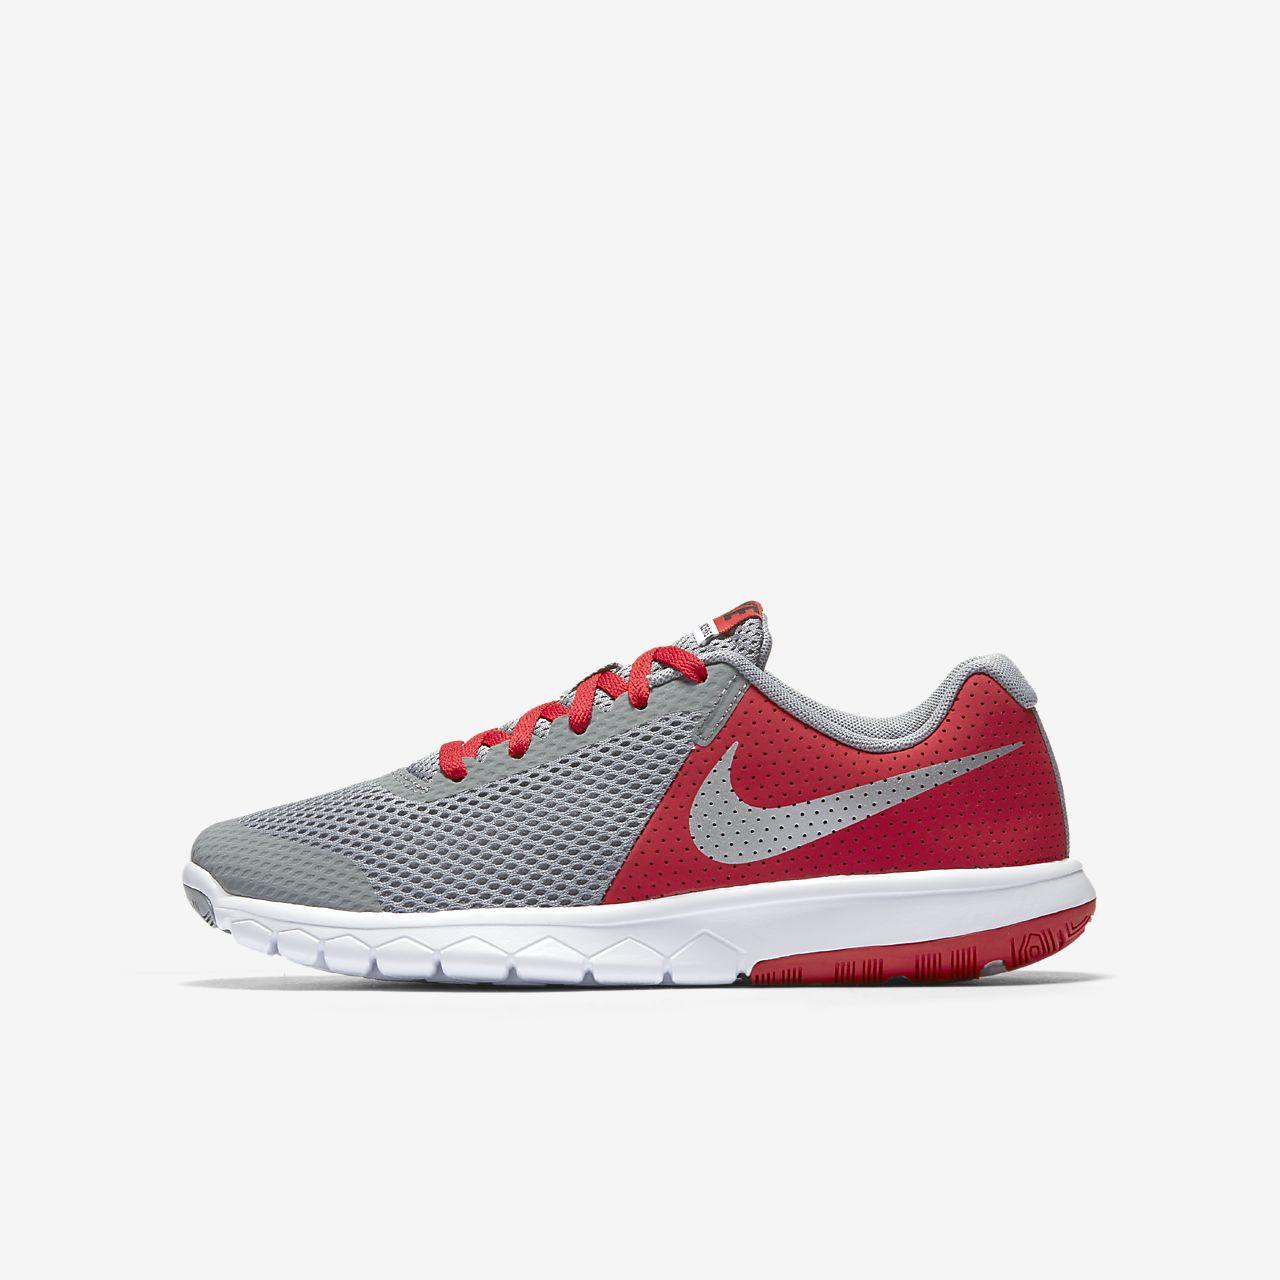 Chaussures Nike Air Jordan 38 noires Casual enfant tSjOx3